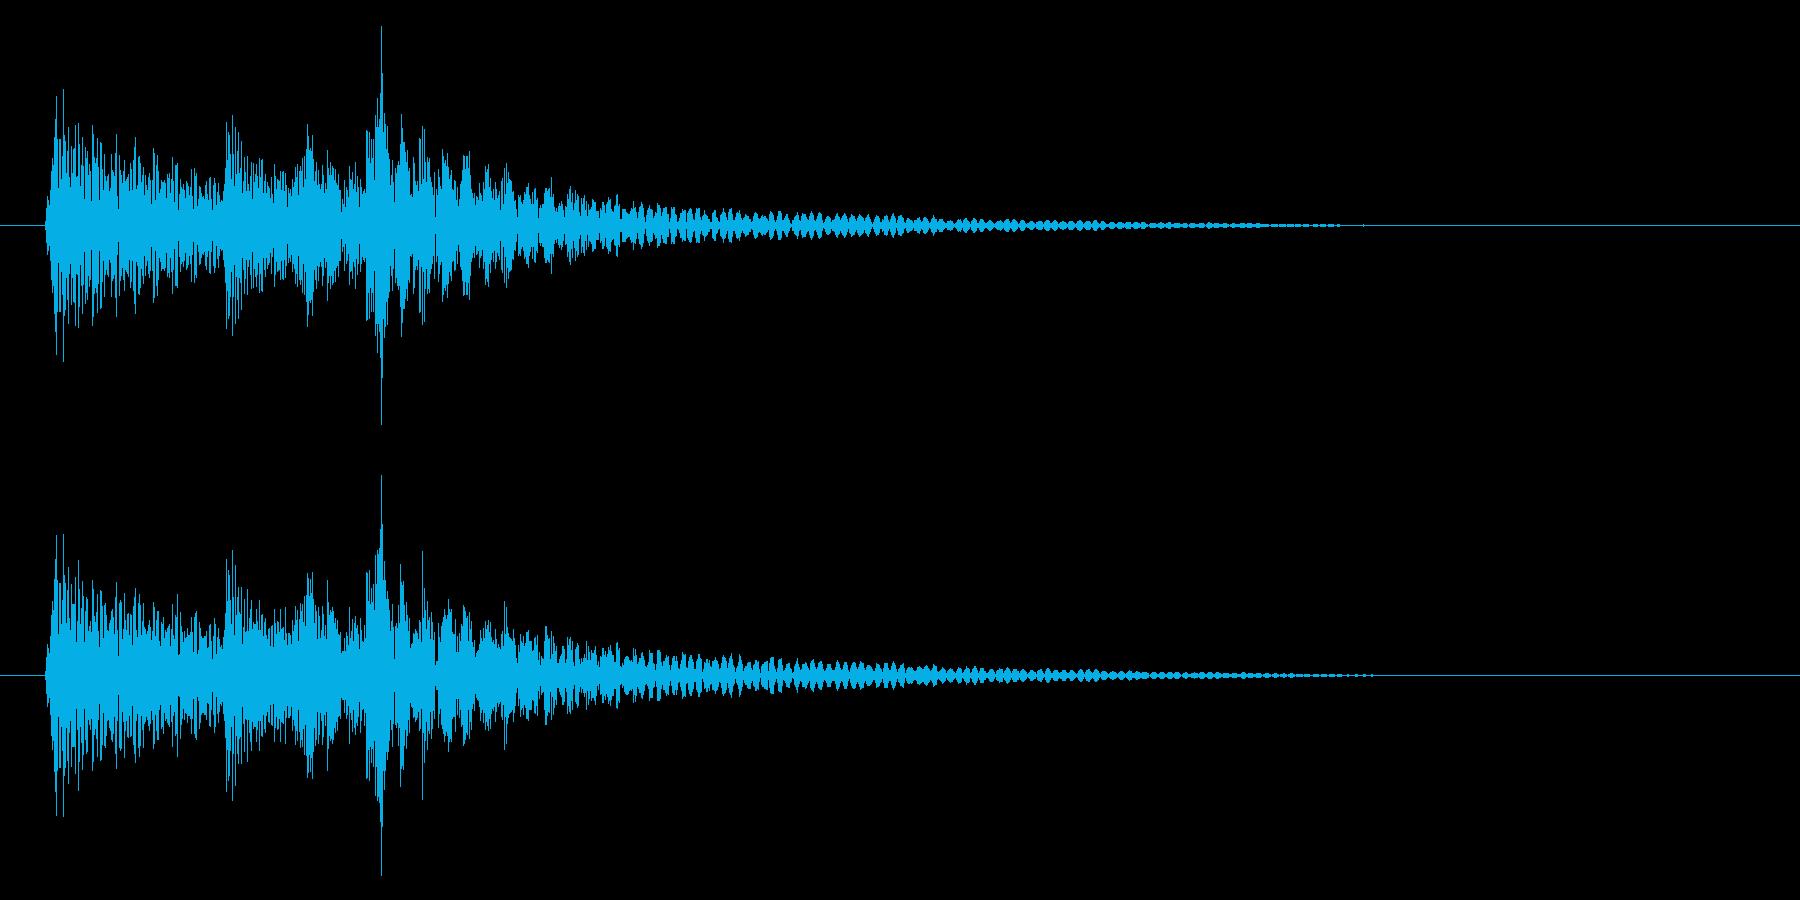 民族系/打楽器/ゲームクリアの再生済みの波形